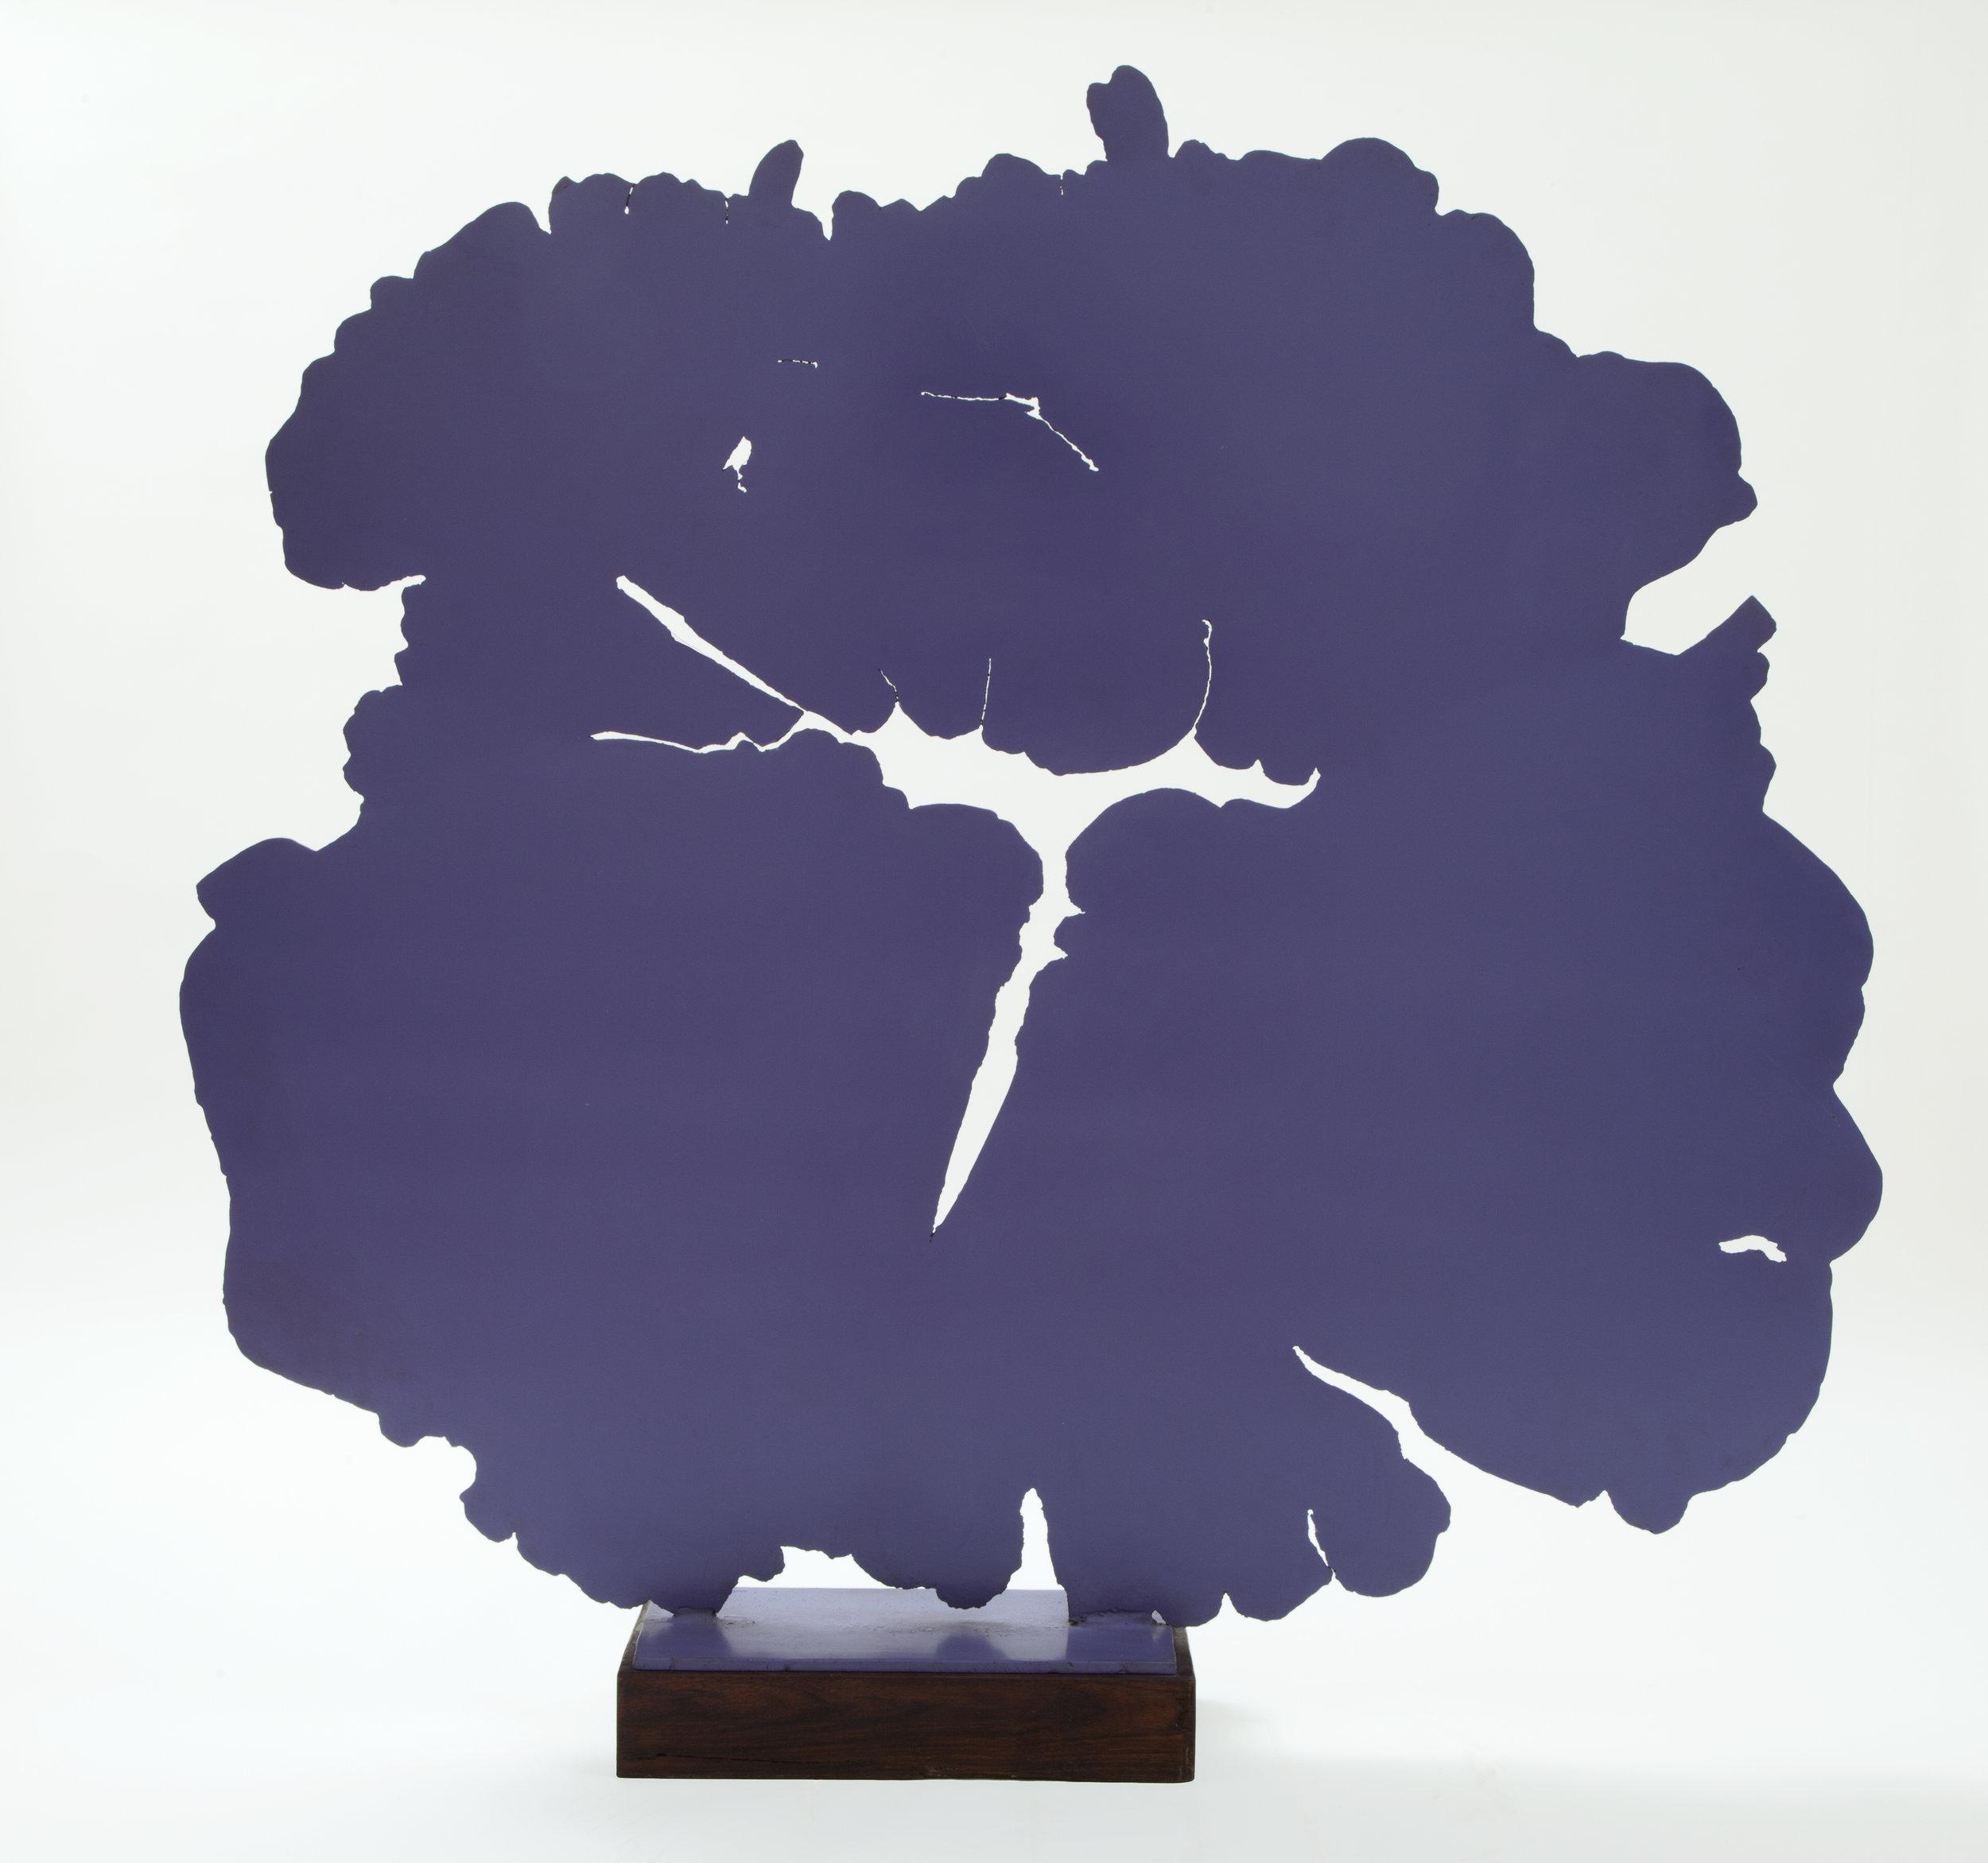 Pietro Consagra  Giardino viola,  1966 Ferro verniciato 130.5 x 143.5 x 0.5 cm Acquisto 2001   ESPANDI